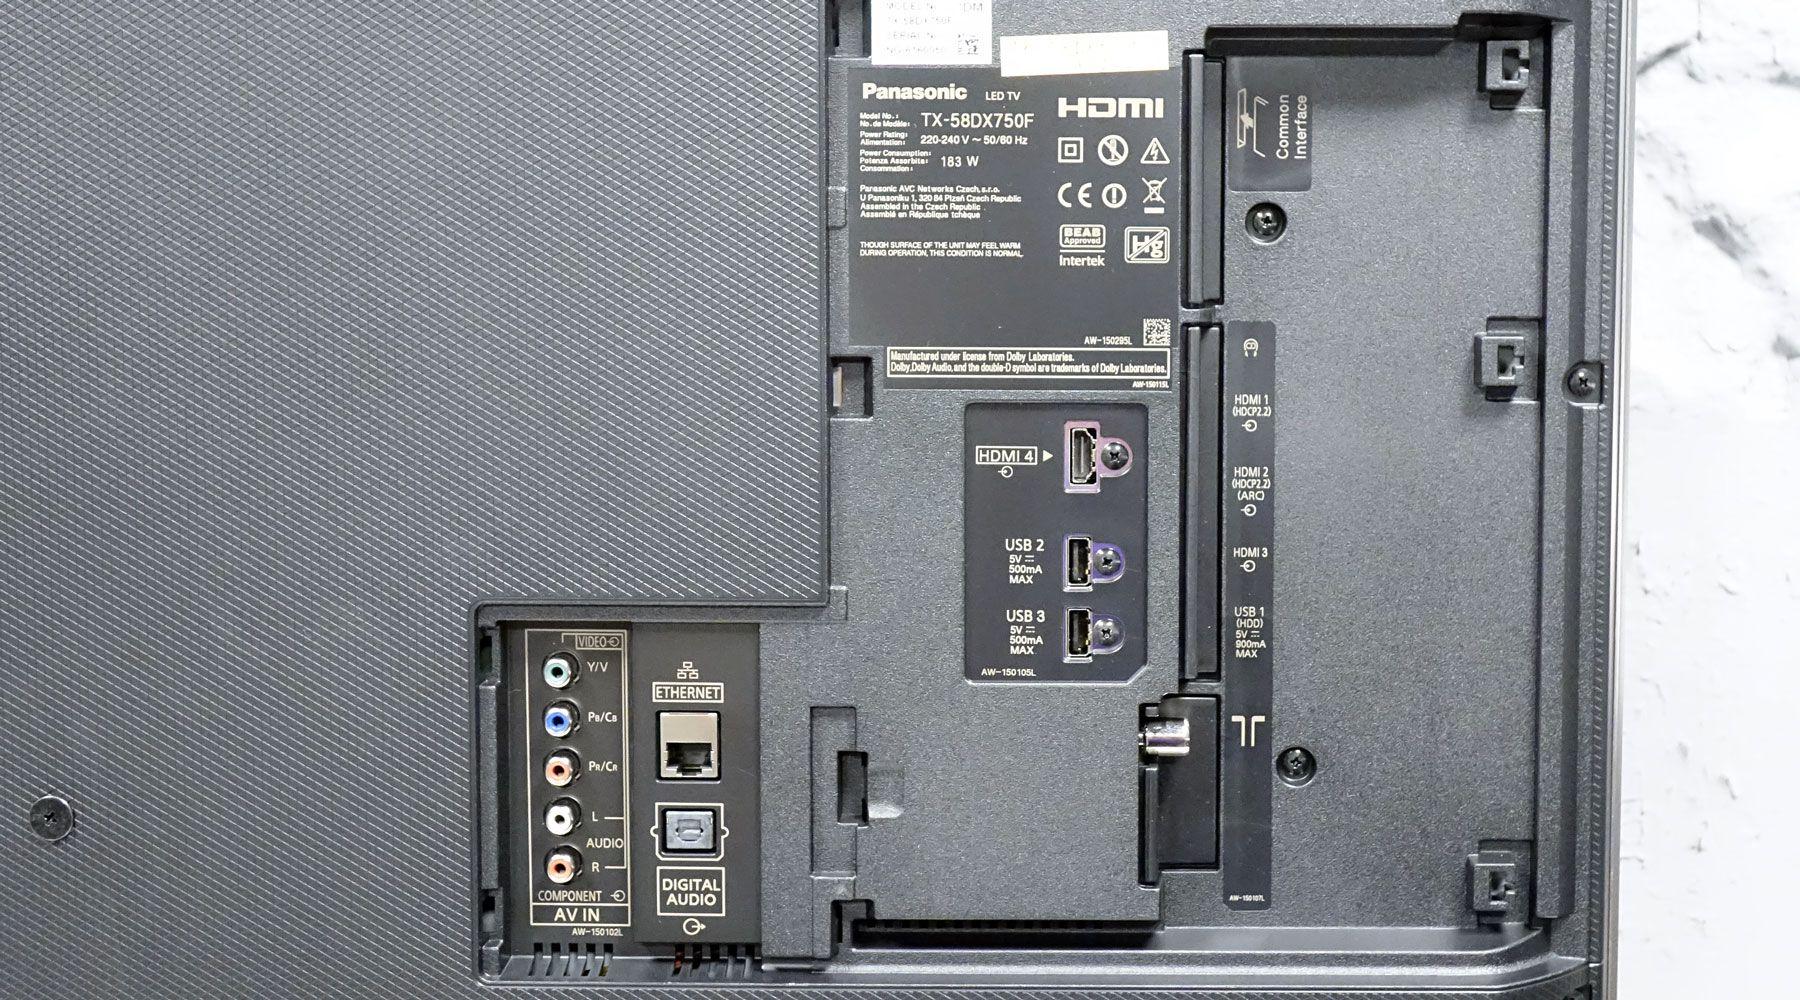 Panasonic TX-58DX750F : test, prix et fiche technique